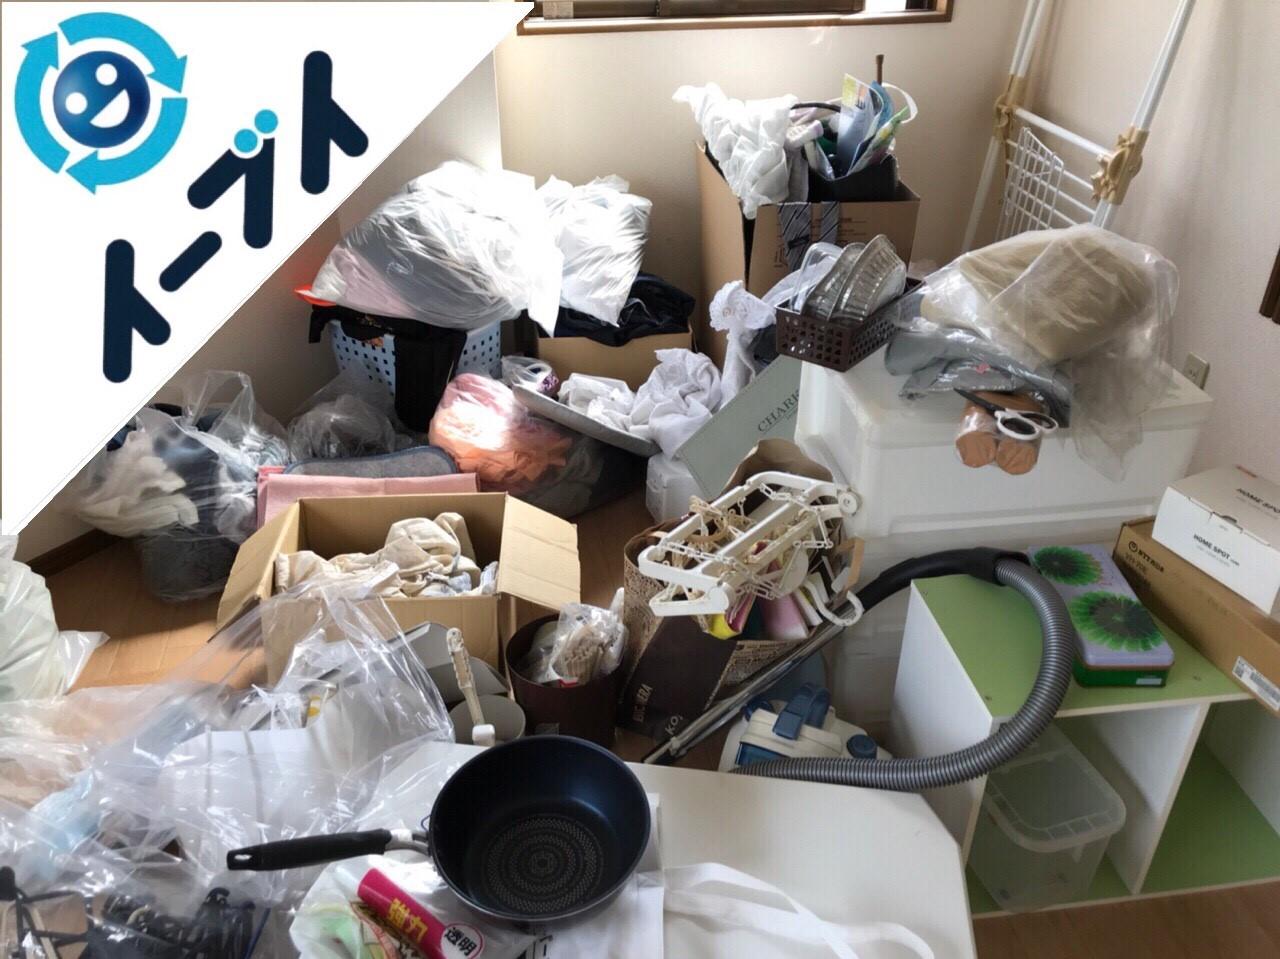 2018年6月18日大阪府摂津市で冷蔵庫や引越しゴミなど粗大ゴミの不用品回収をしました。写真4